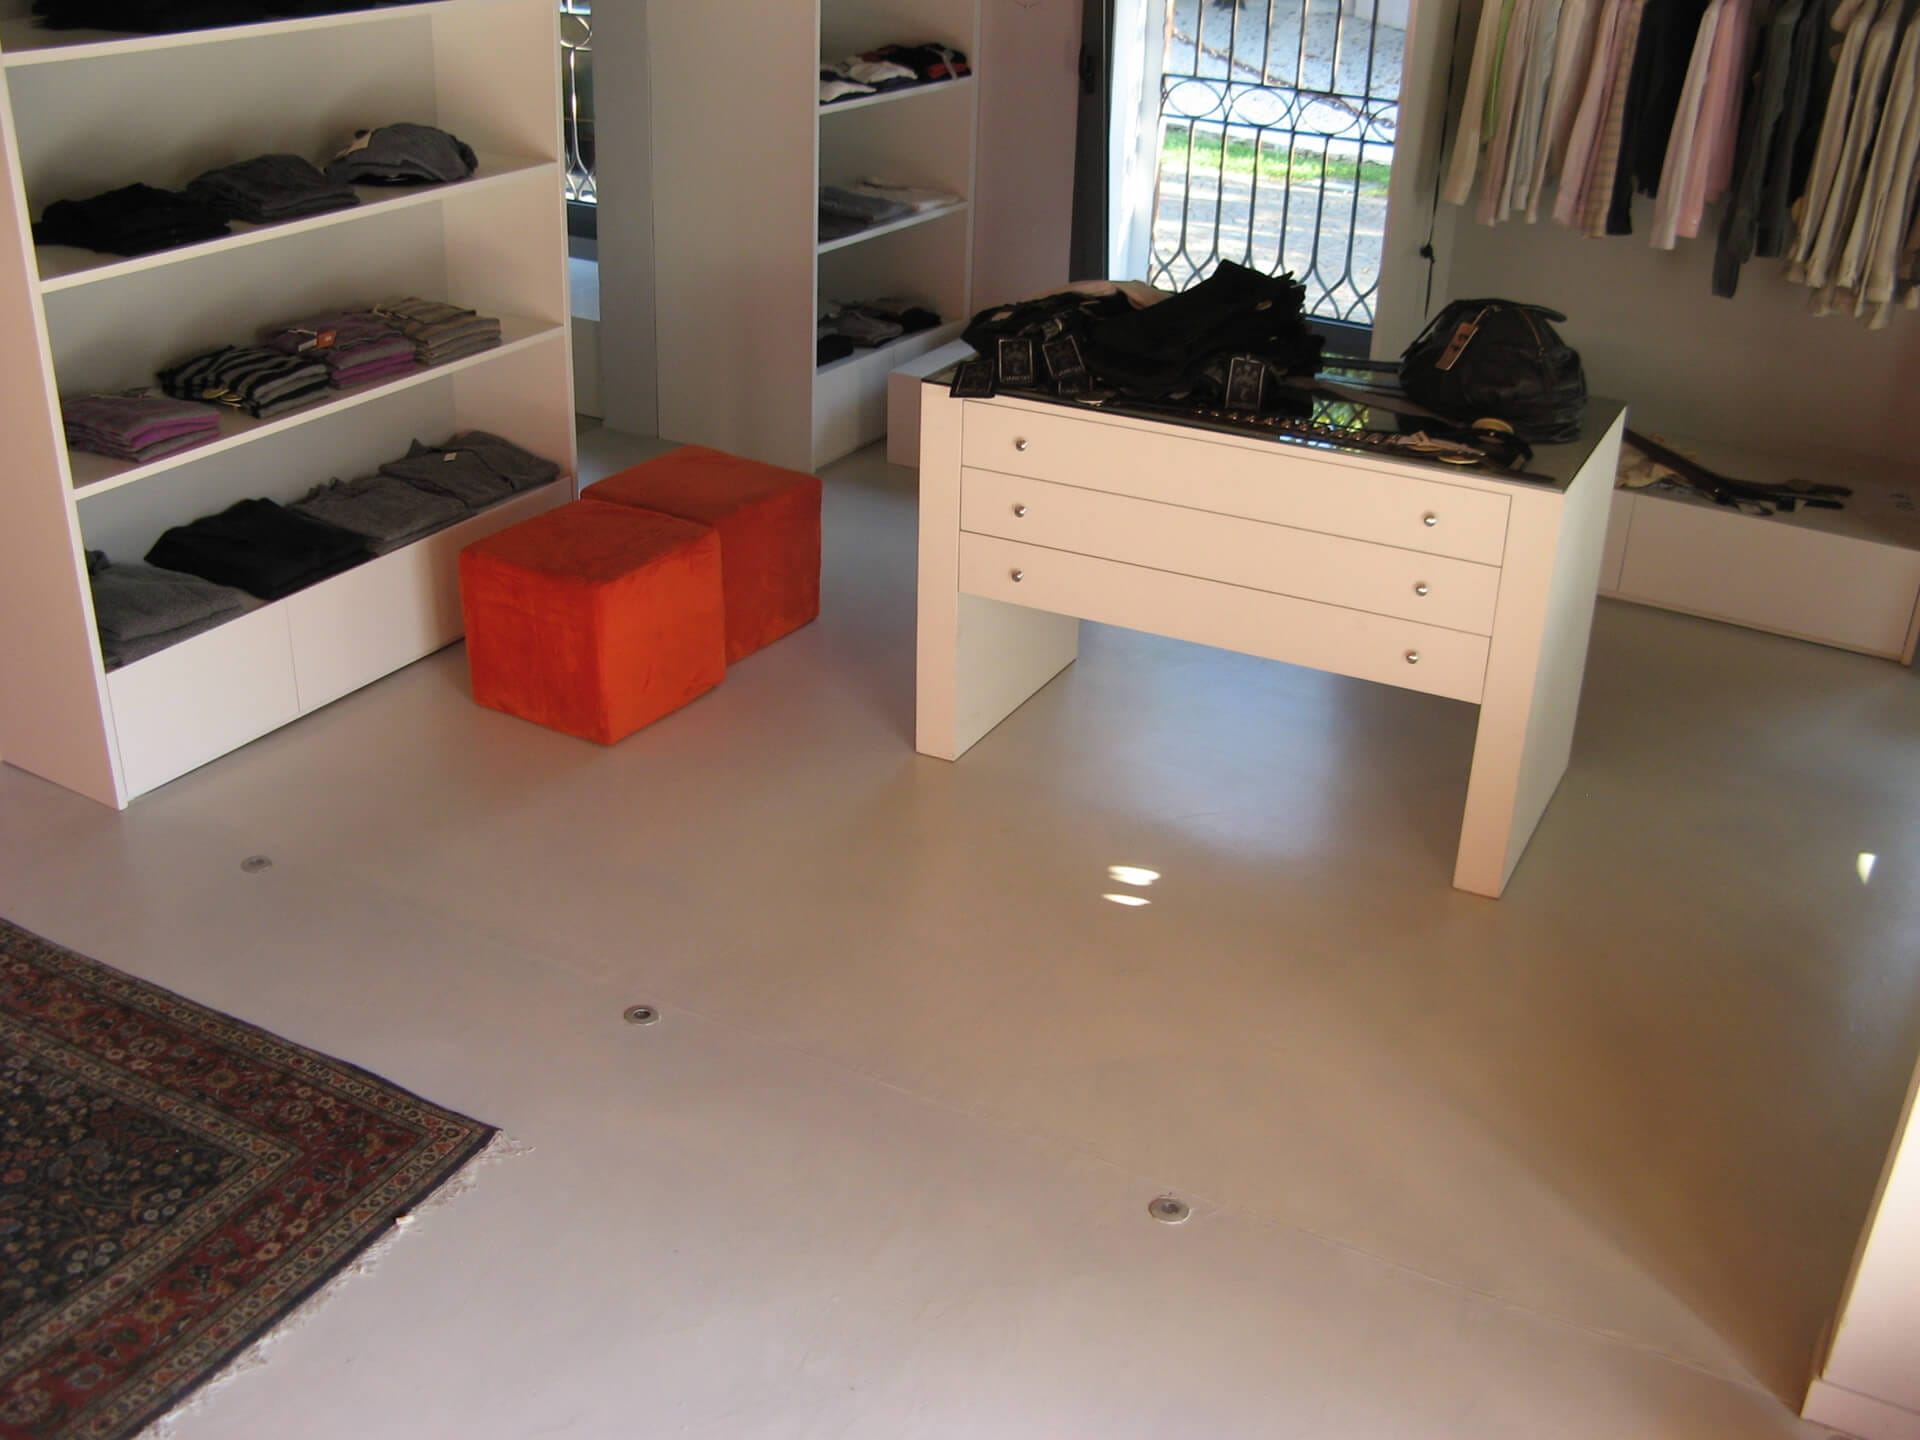 pavimentazione in resina in un negozio di abbigliamento